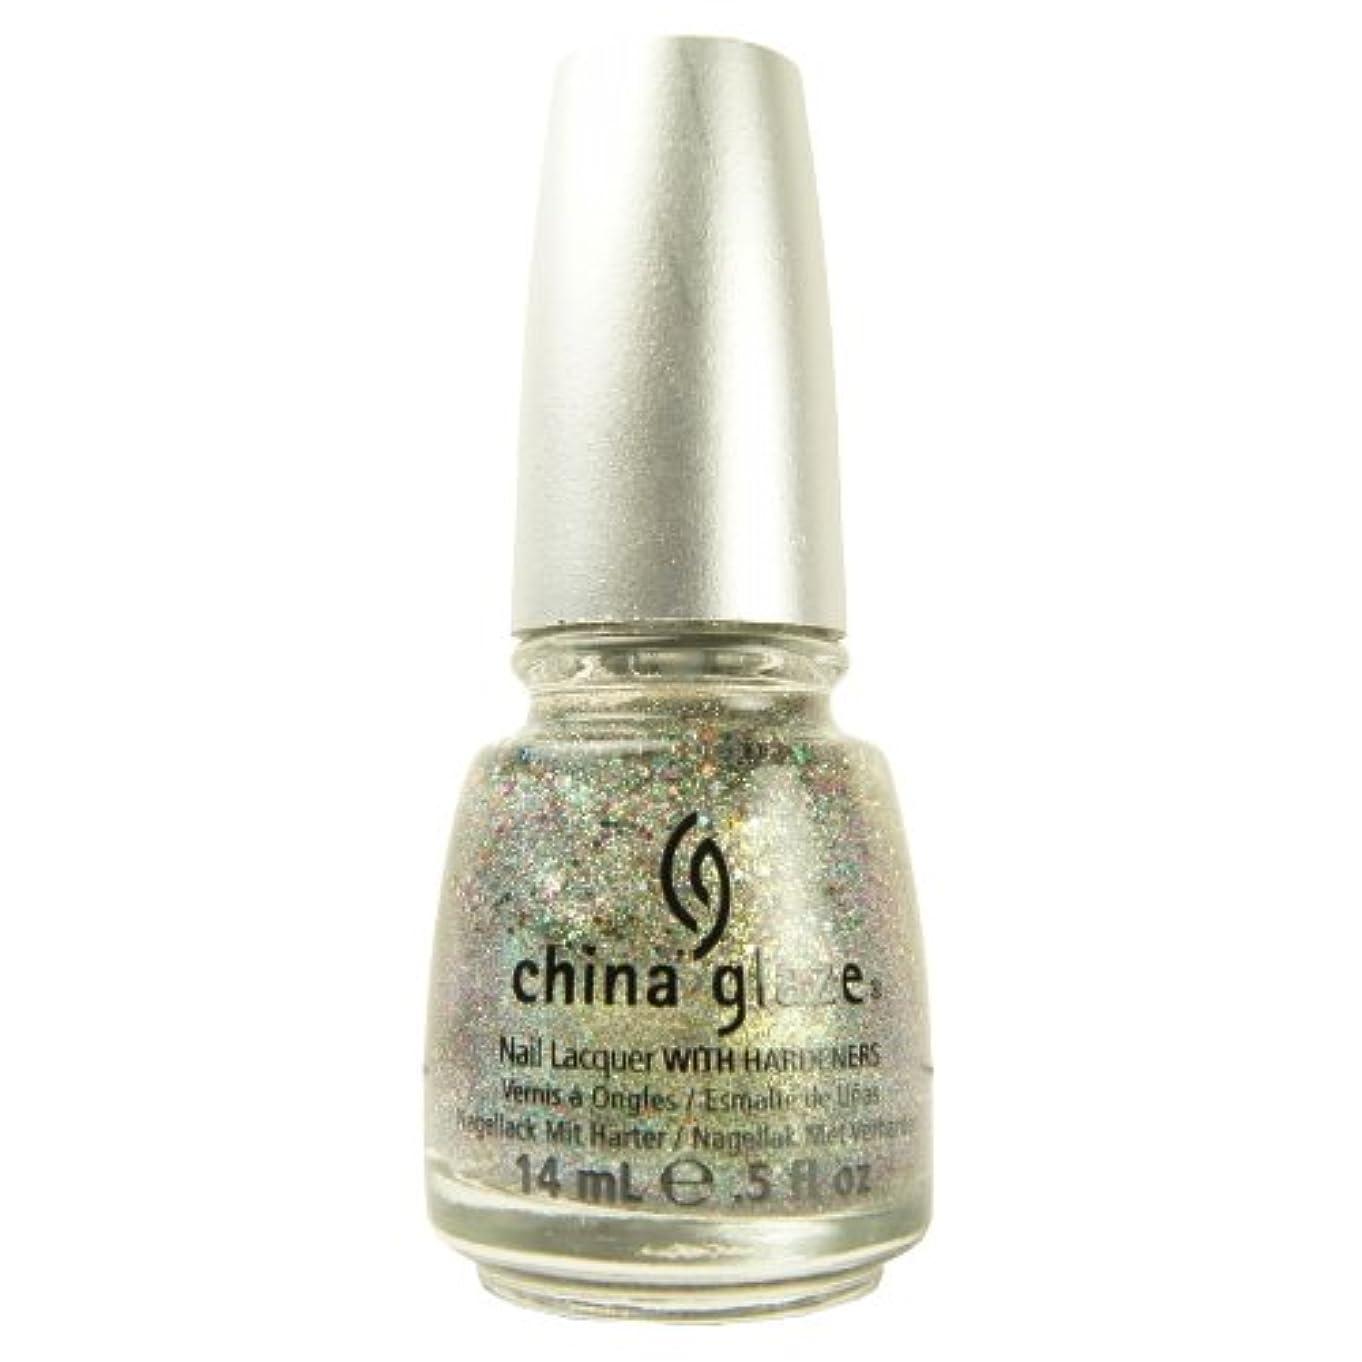 持つ歩き回る国内の(6 Pack) CHINA GLAZE Glitter Nail Lacquer with Nail Hardner - Ray-Diant (DC) (並行輸入品)